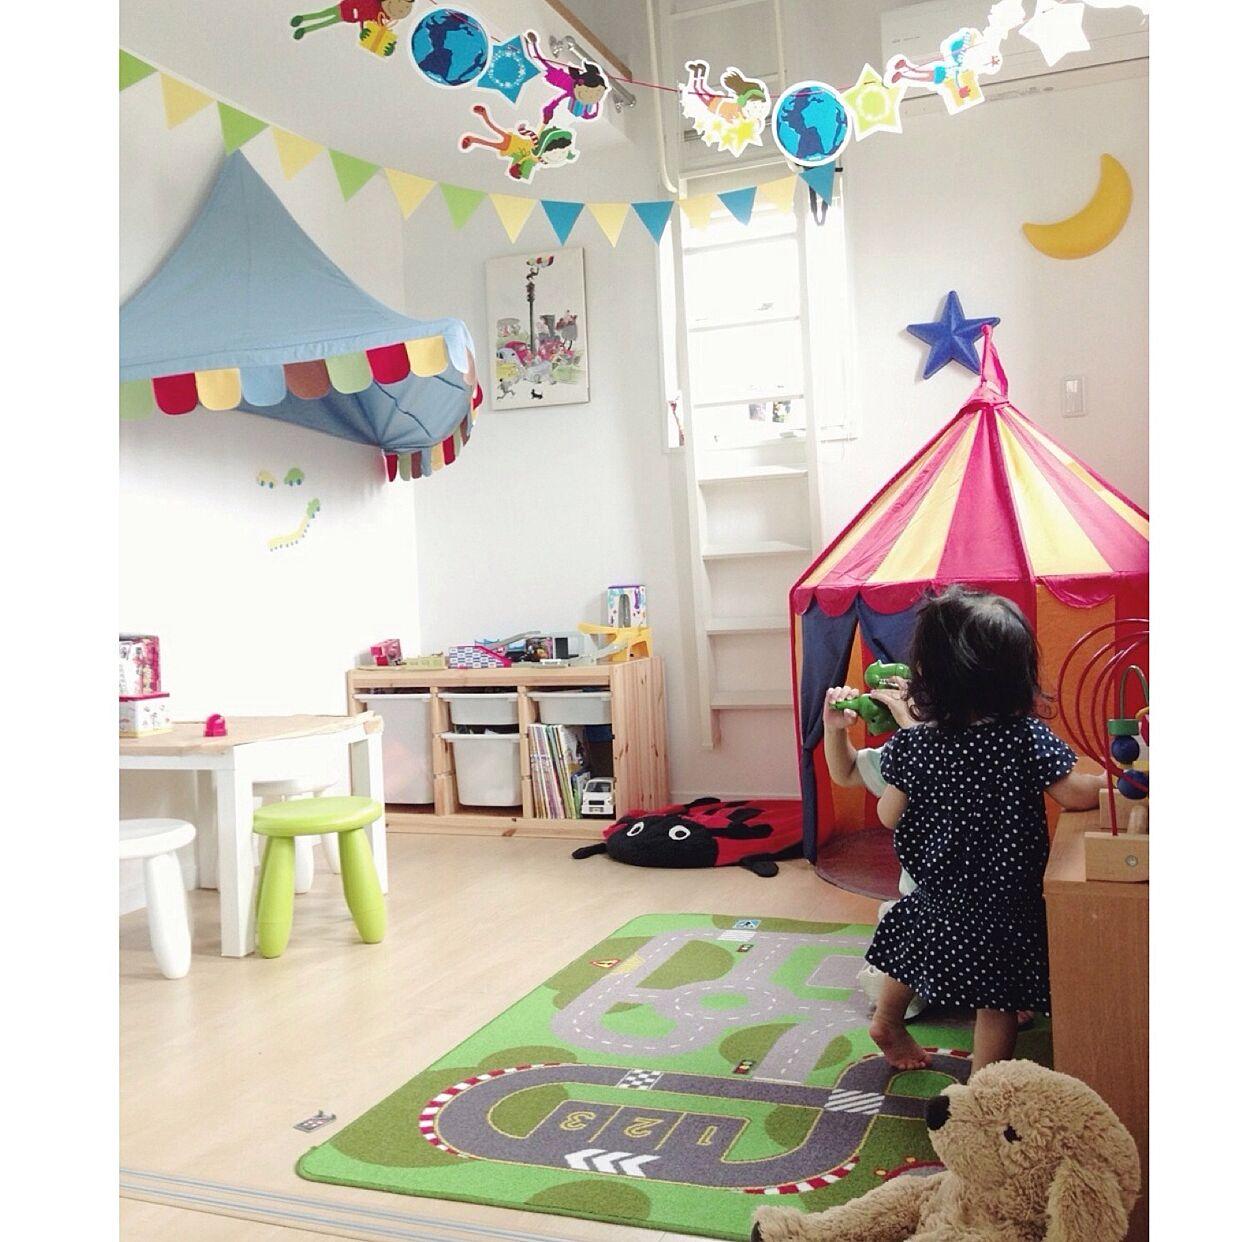 4LDKのナチュラル/子供部屋/ガーランド/子供部屋男の子/インテリア/おもちゃ…などについてのインテリア実例を紹介。